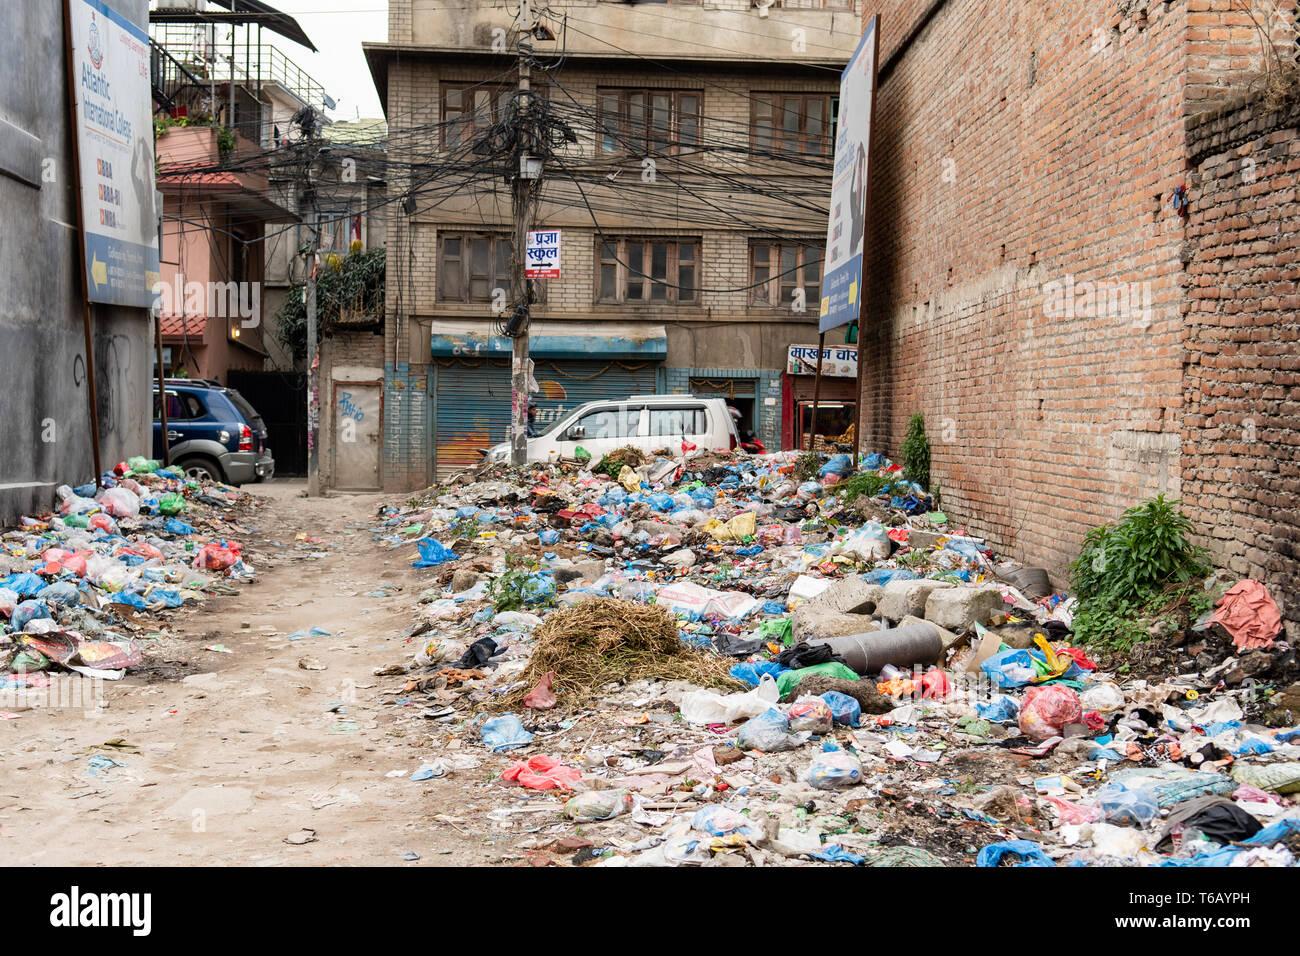 Katmandou, Népal - 20 avril 2019 - la montagne d'ordures dans la rue près de maisons locales. Photo Stock